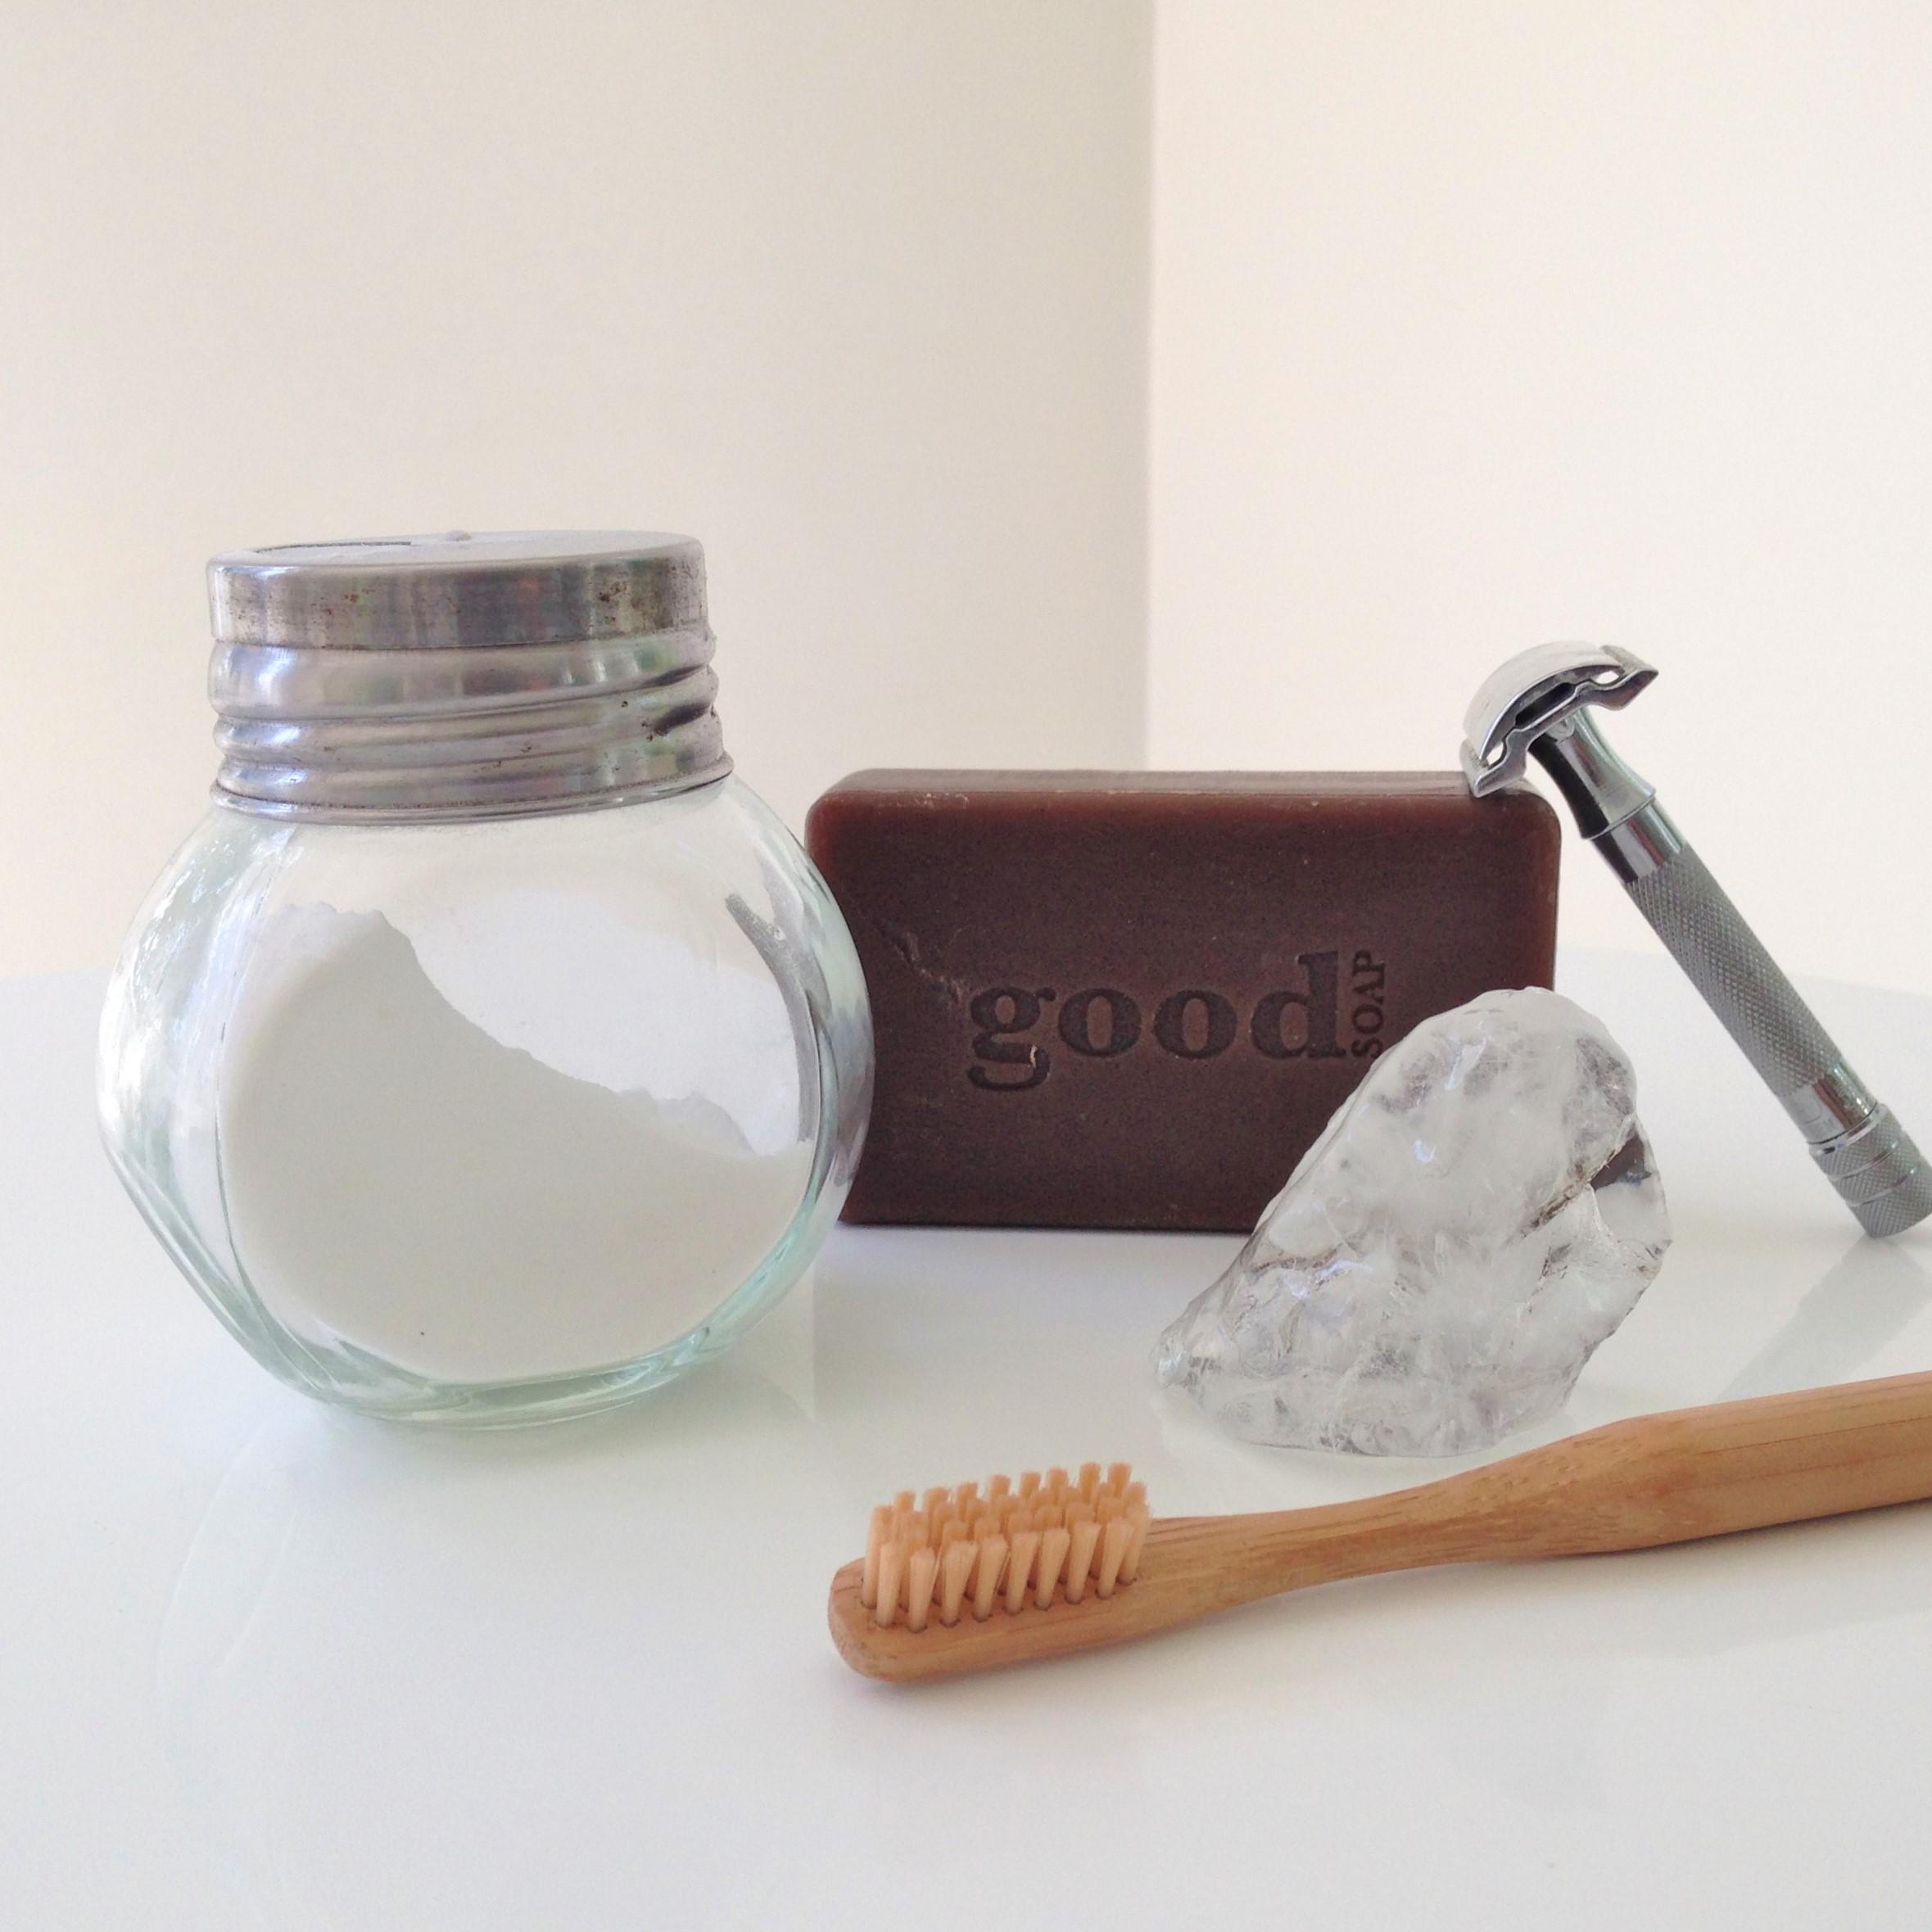 Bea's bathroom essentials